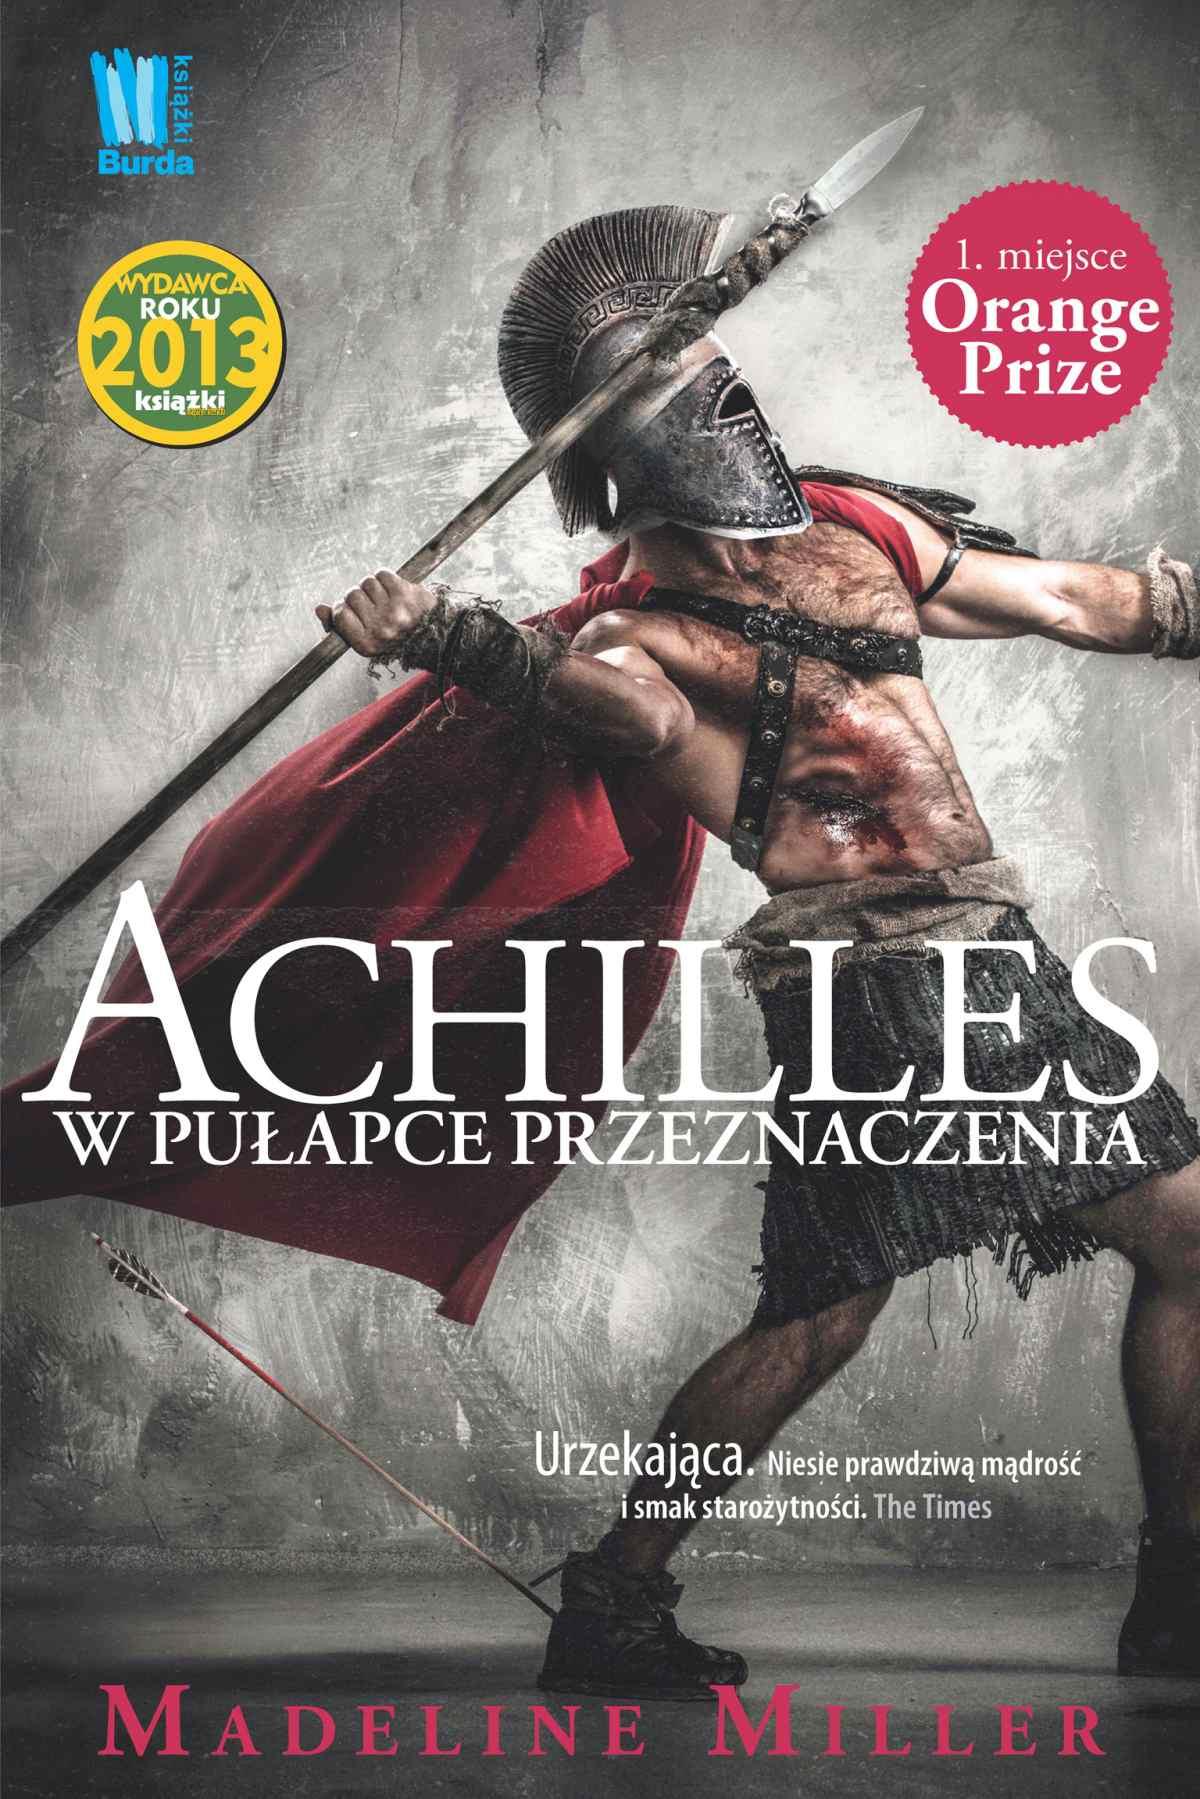 Achilles. W pułapce przeznaczenia - Ebook (Książka EPUB) do pobrania w formacie EPUB